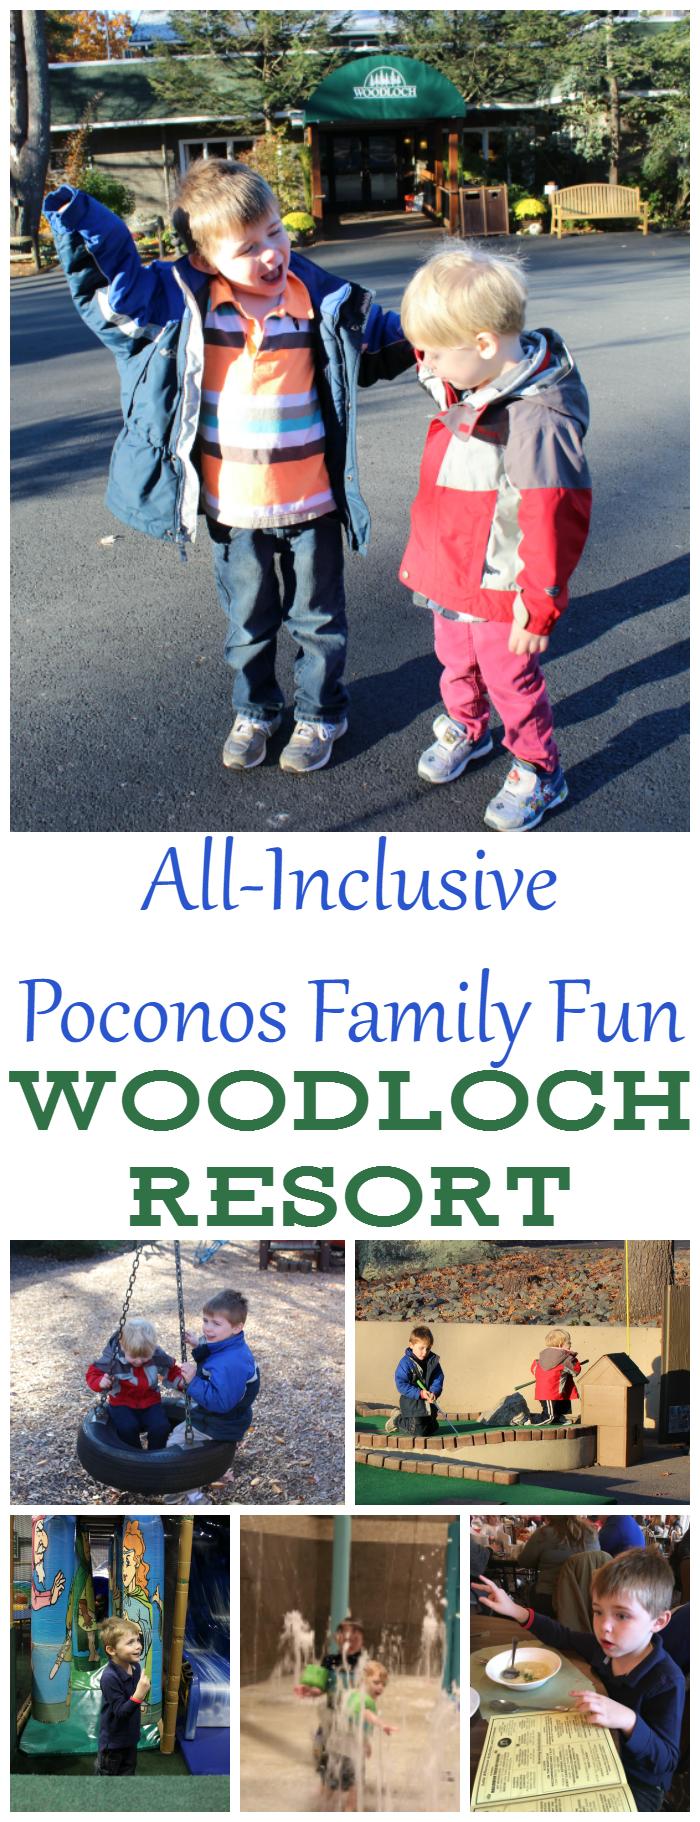 All-Inclusive Poconos Family Fun at Woodloch Resort!